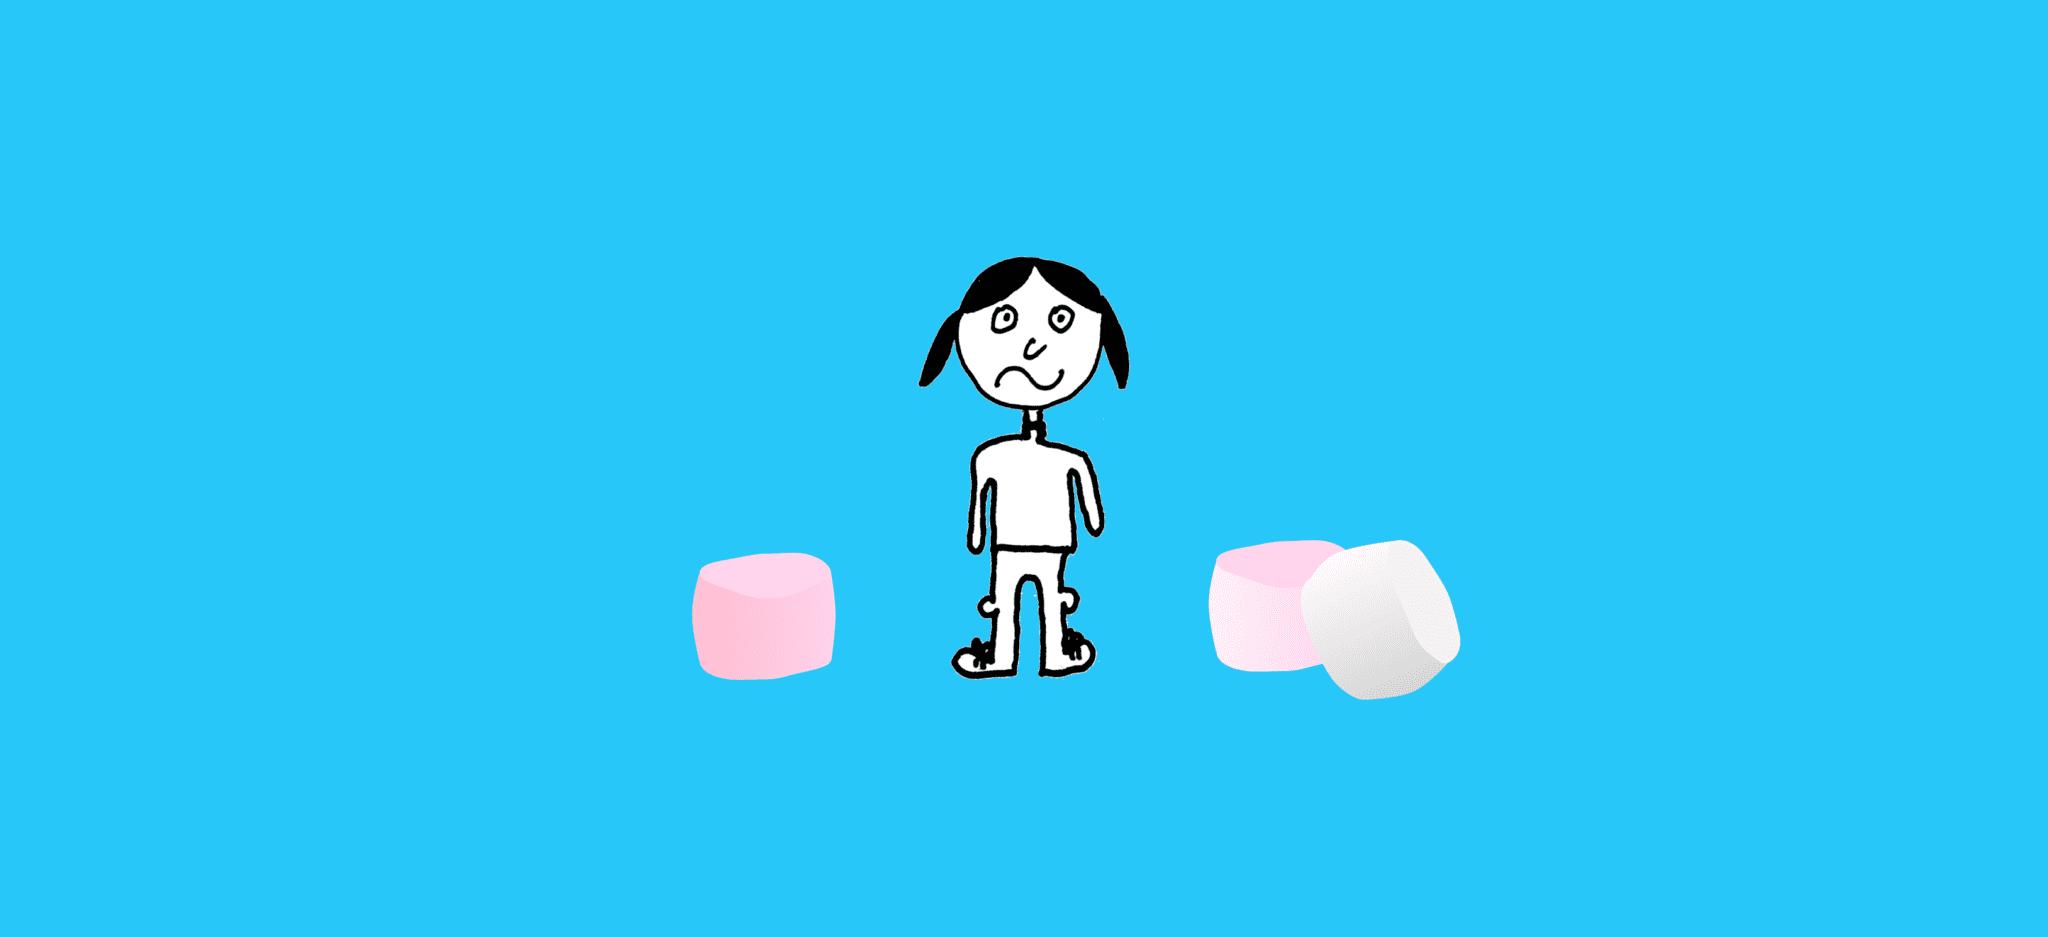 το πείραμα marshmallow και η σημασία του